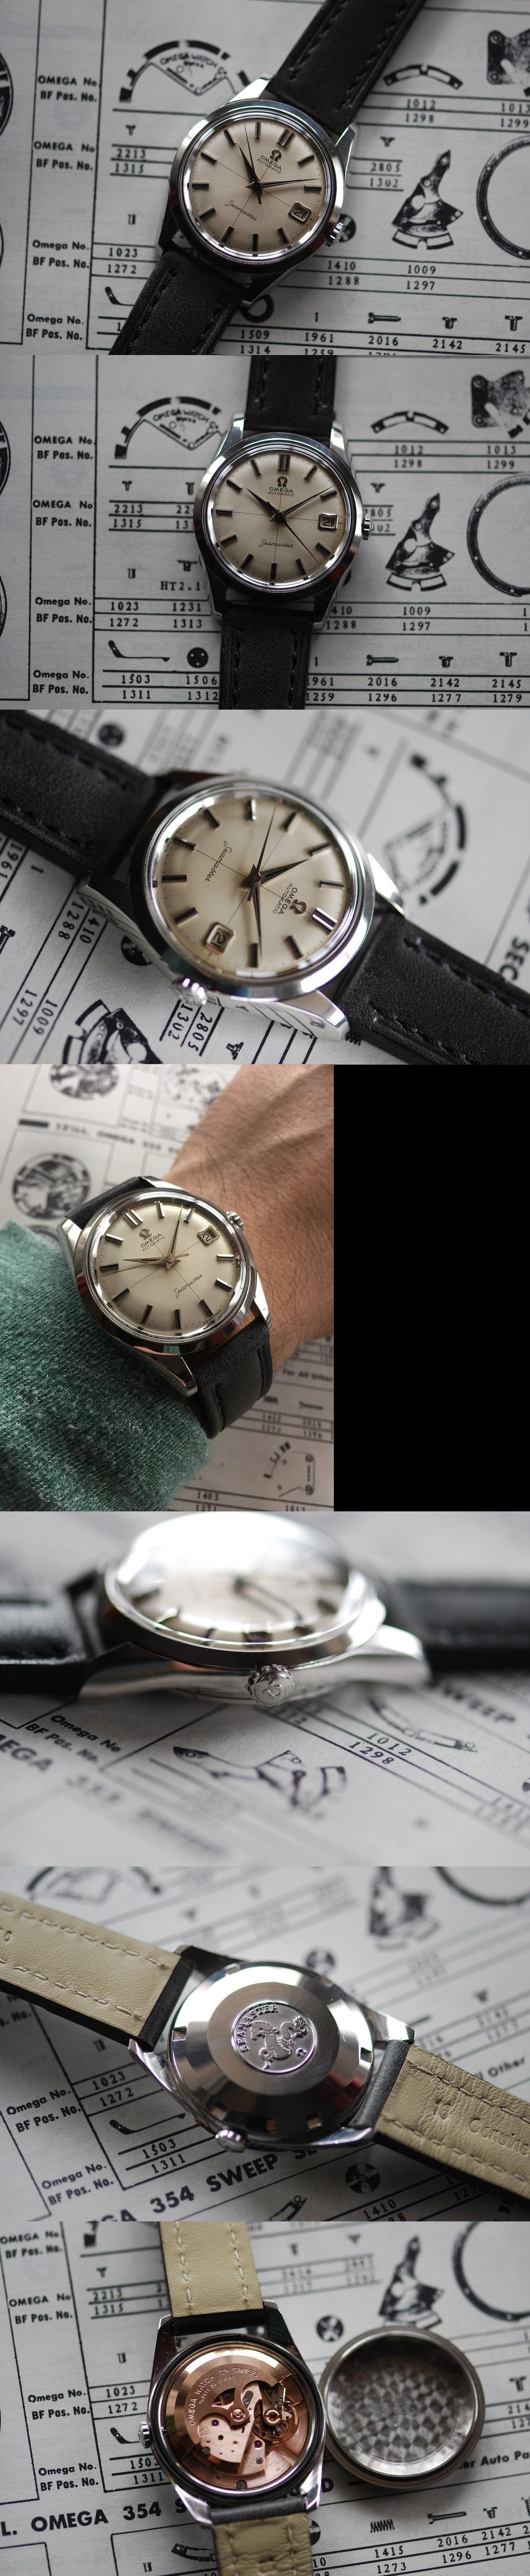 1960 Omega Seamaster Calendar Vintage Gents Watch